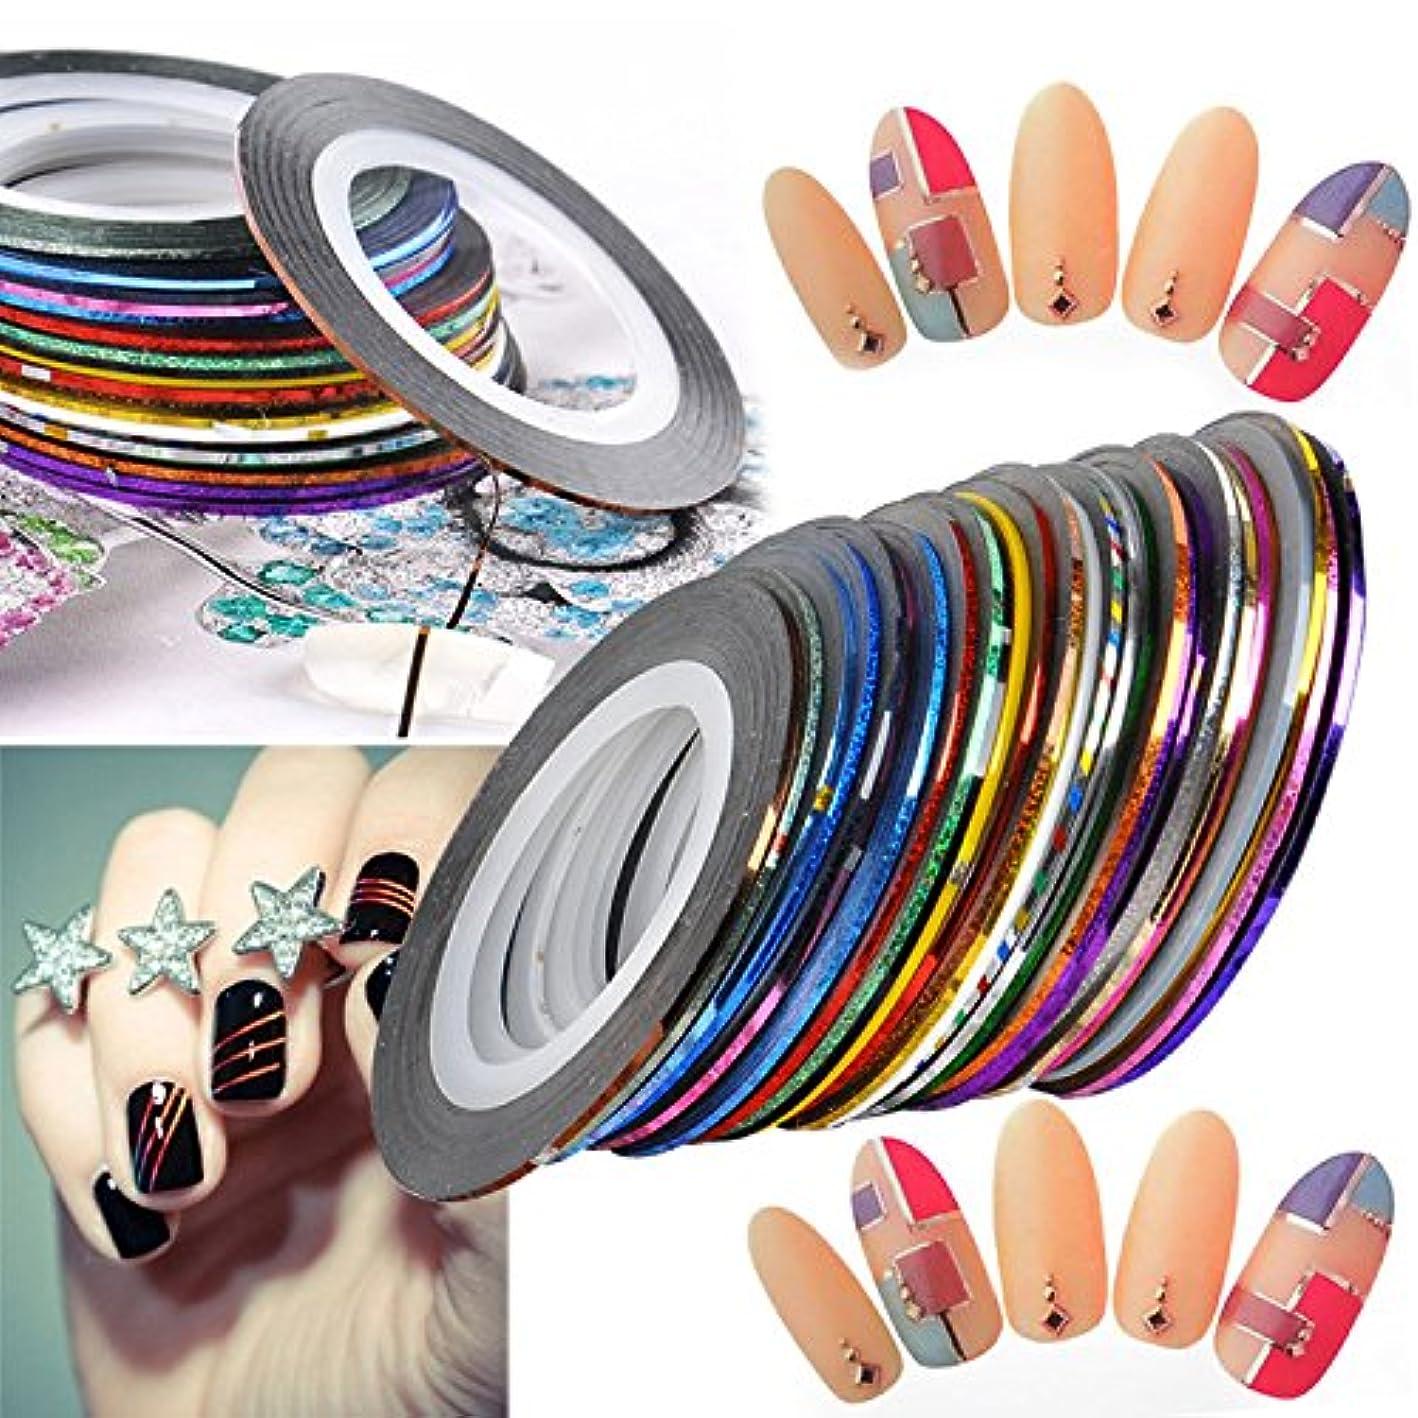 踊り子マイナスメタルラインネイルアート用 ラインテープ 爪 飾り用品 カラフル 綺麗 ラインアートテープ 30種セット